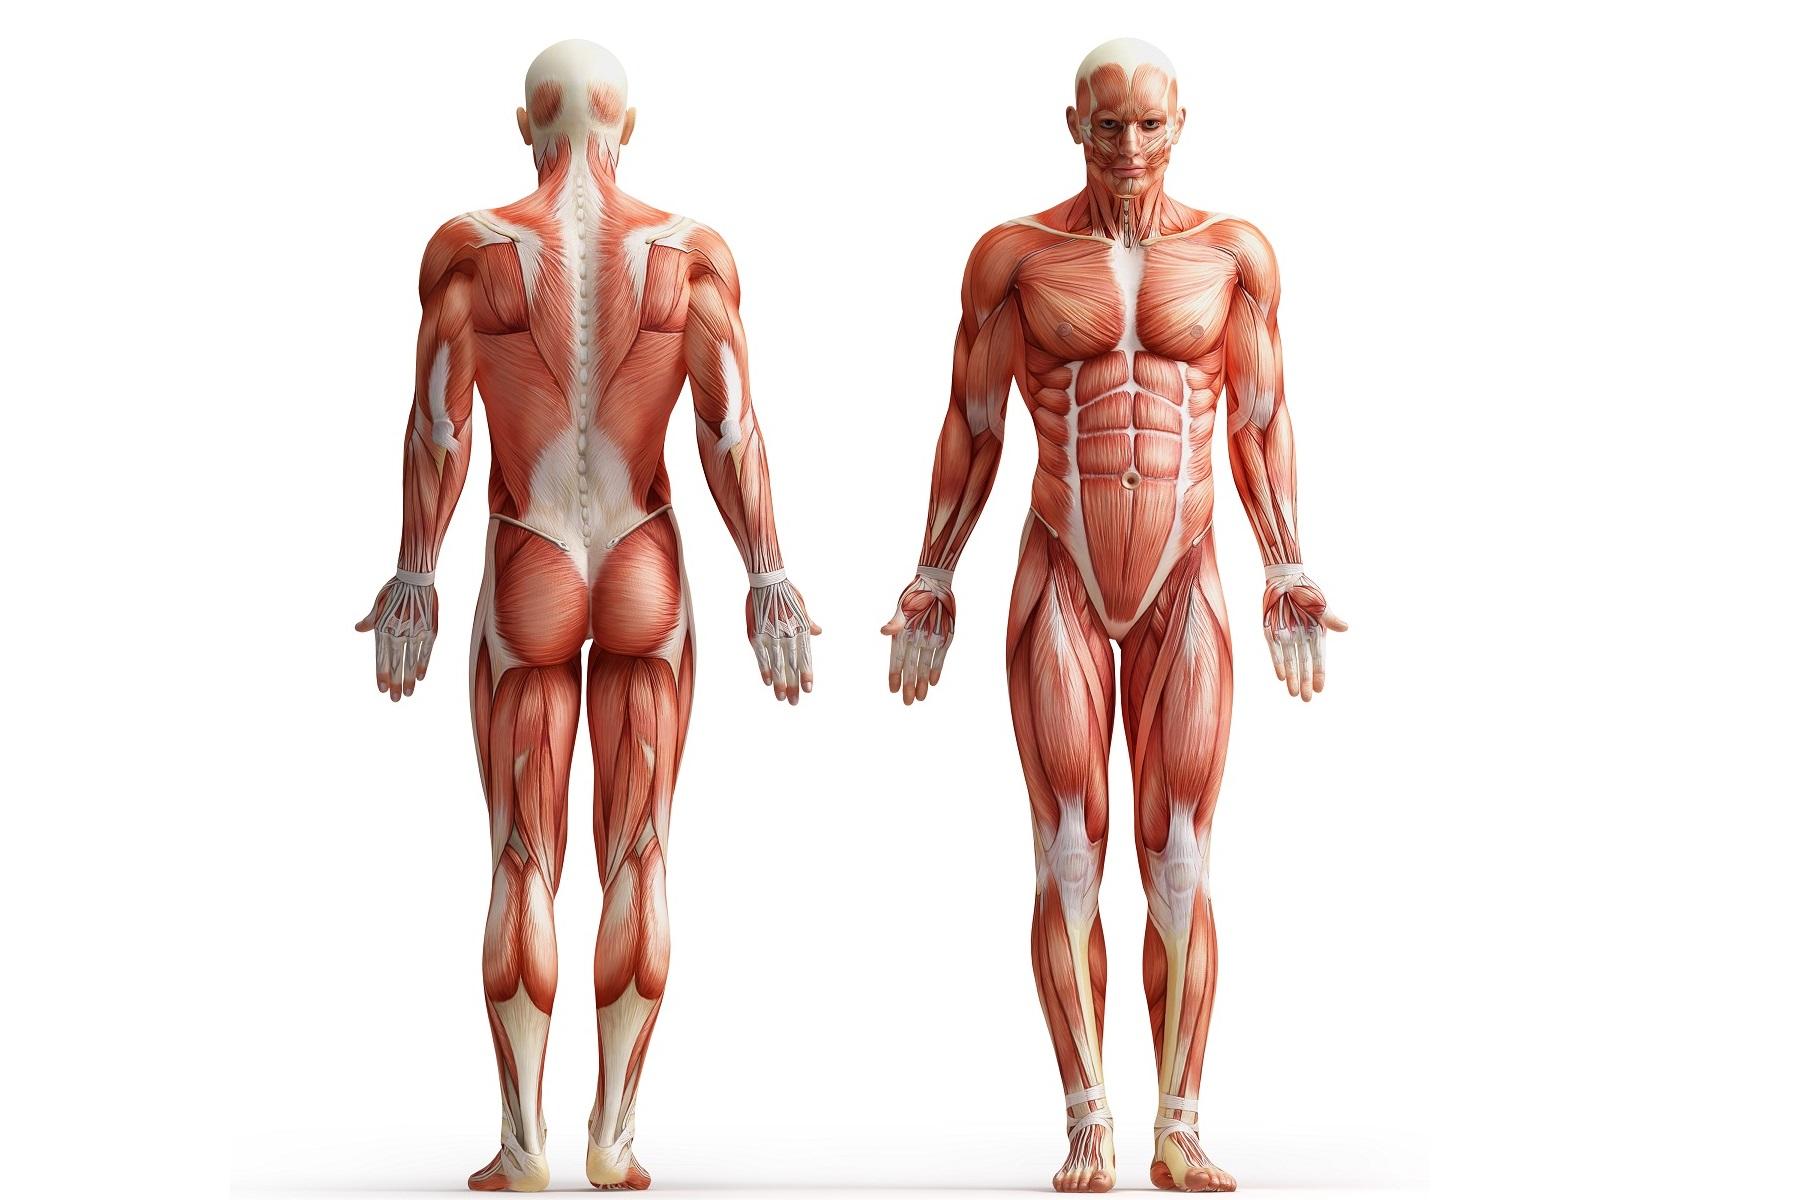 Человек стареет ногами: тренируйте периферические сердца